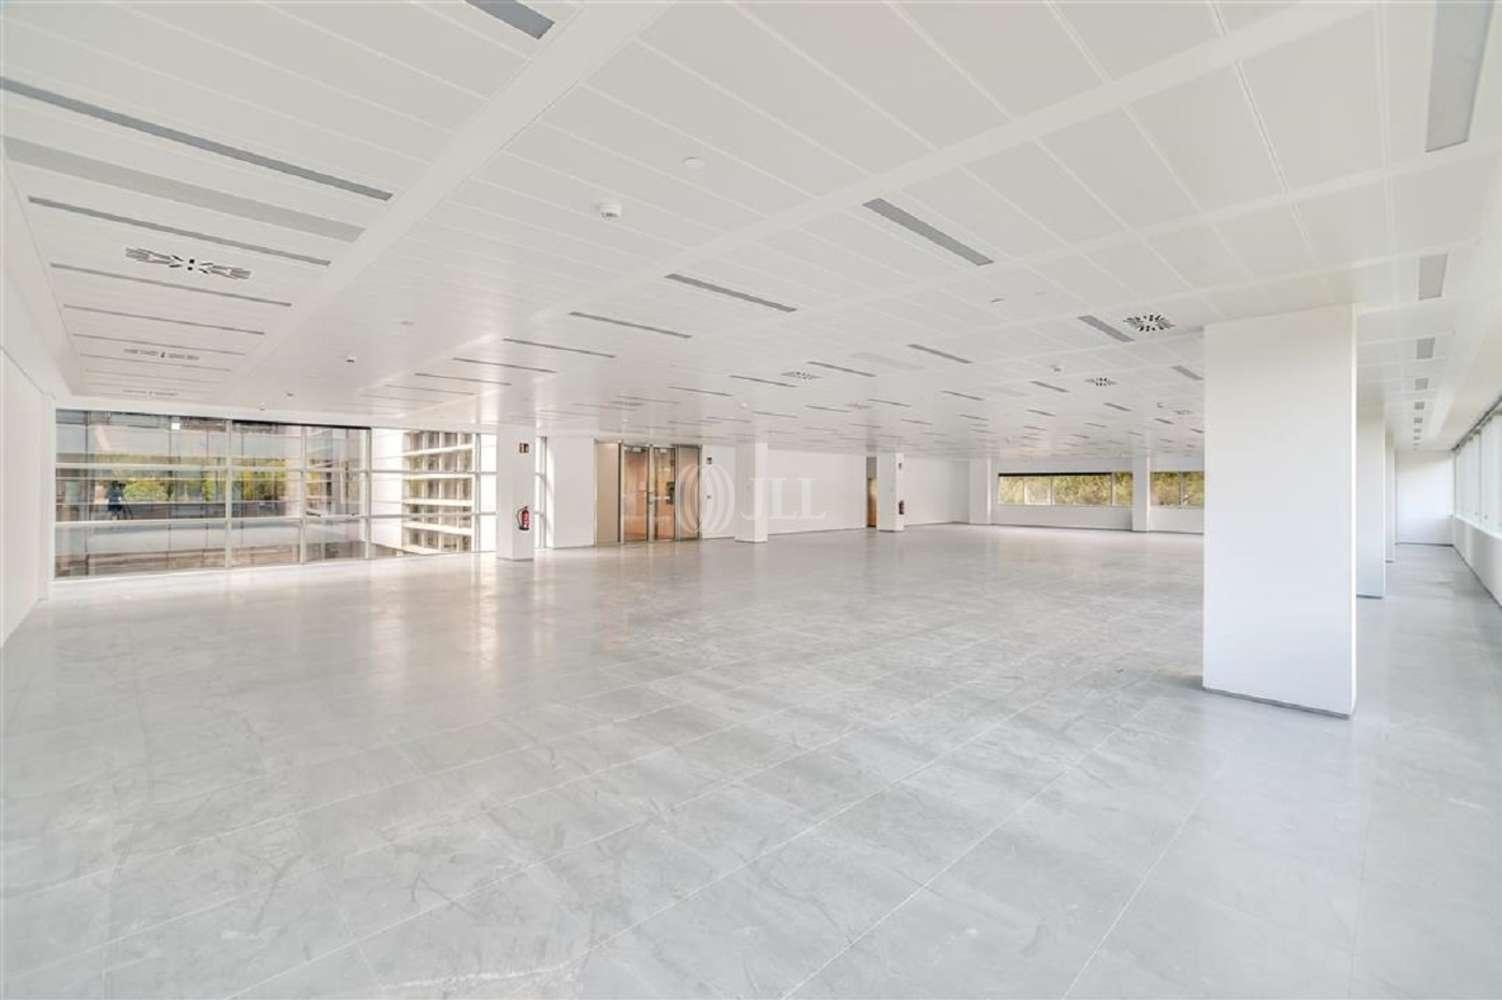 Oficina Sant cugat del vallès, 08174 - SANT CUGAT NORD - Edifici A y D